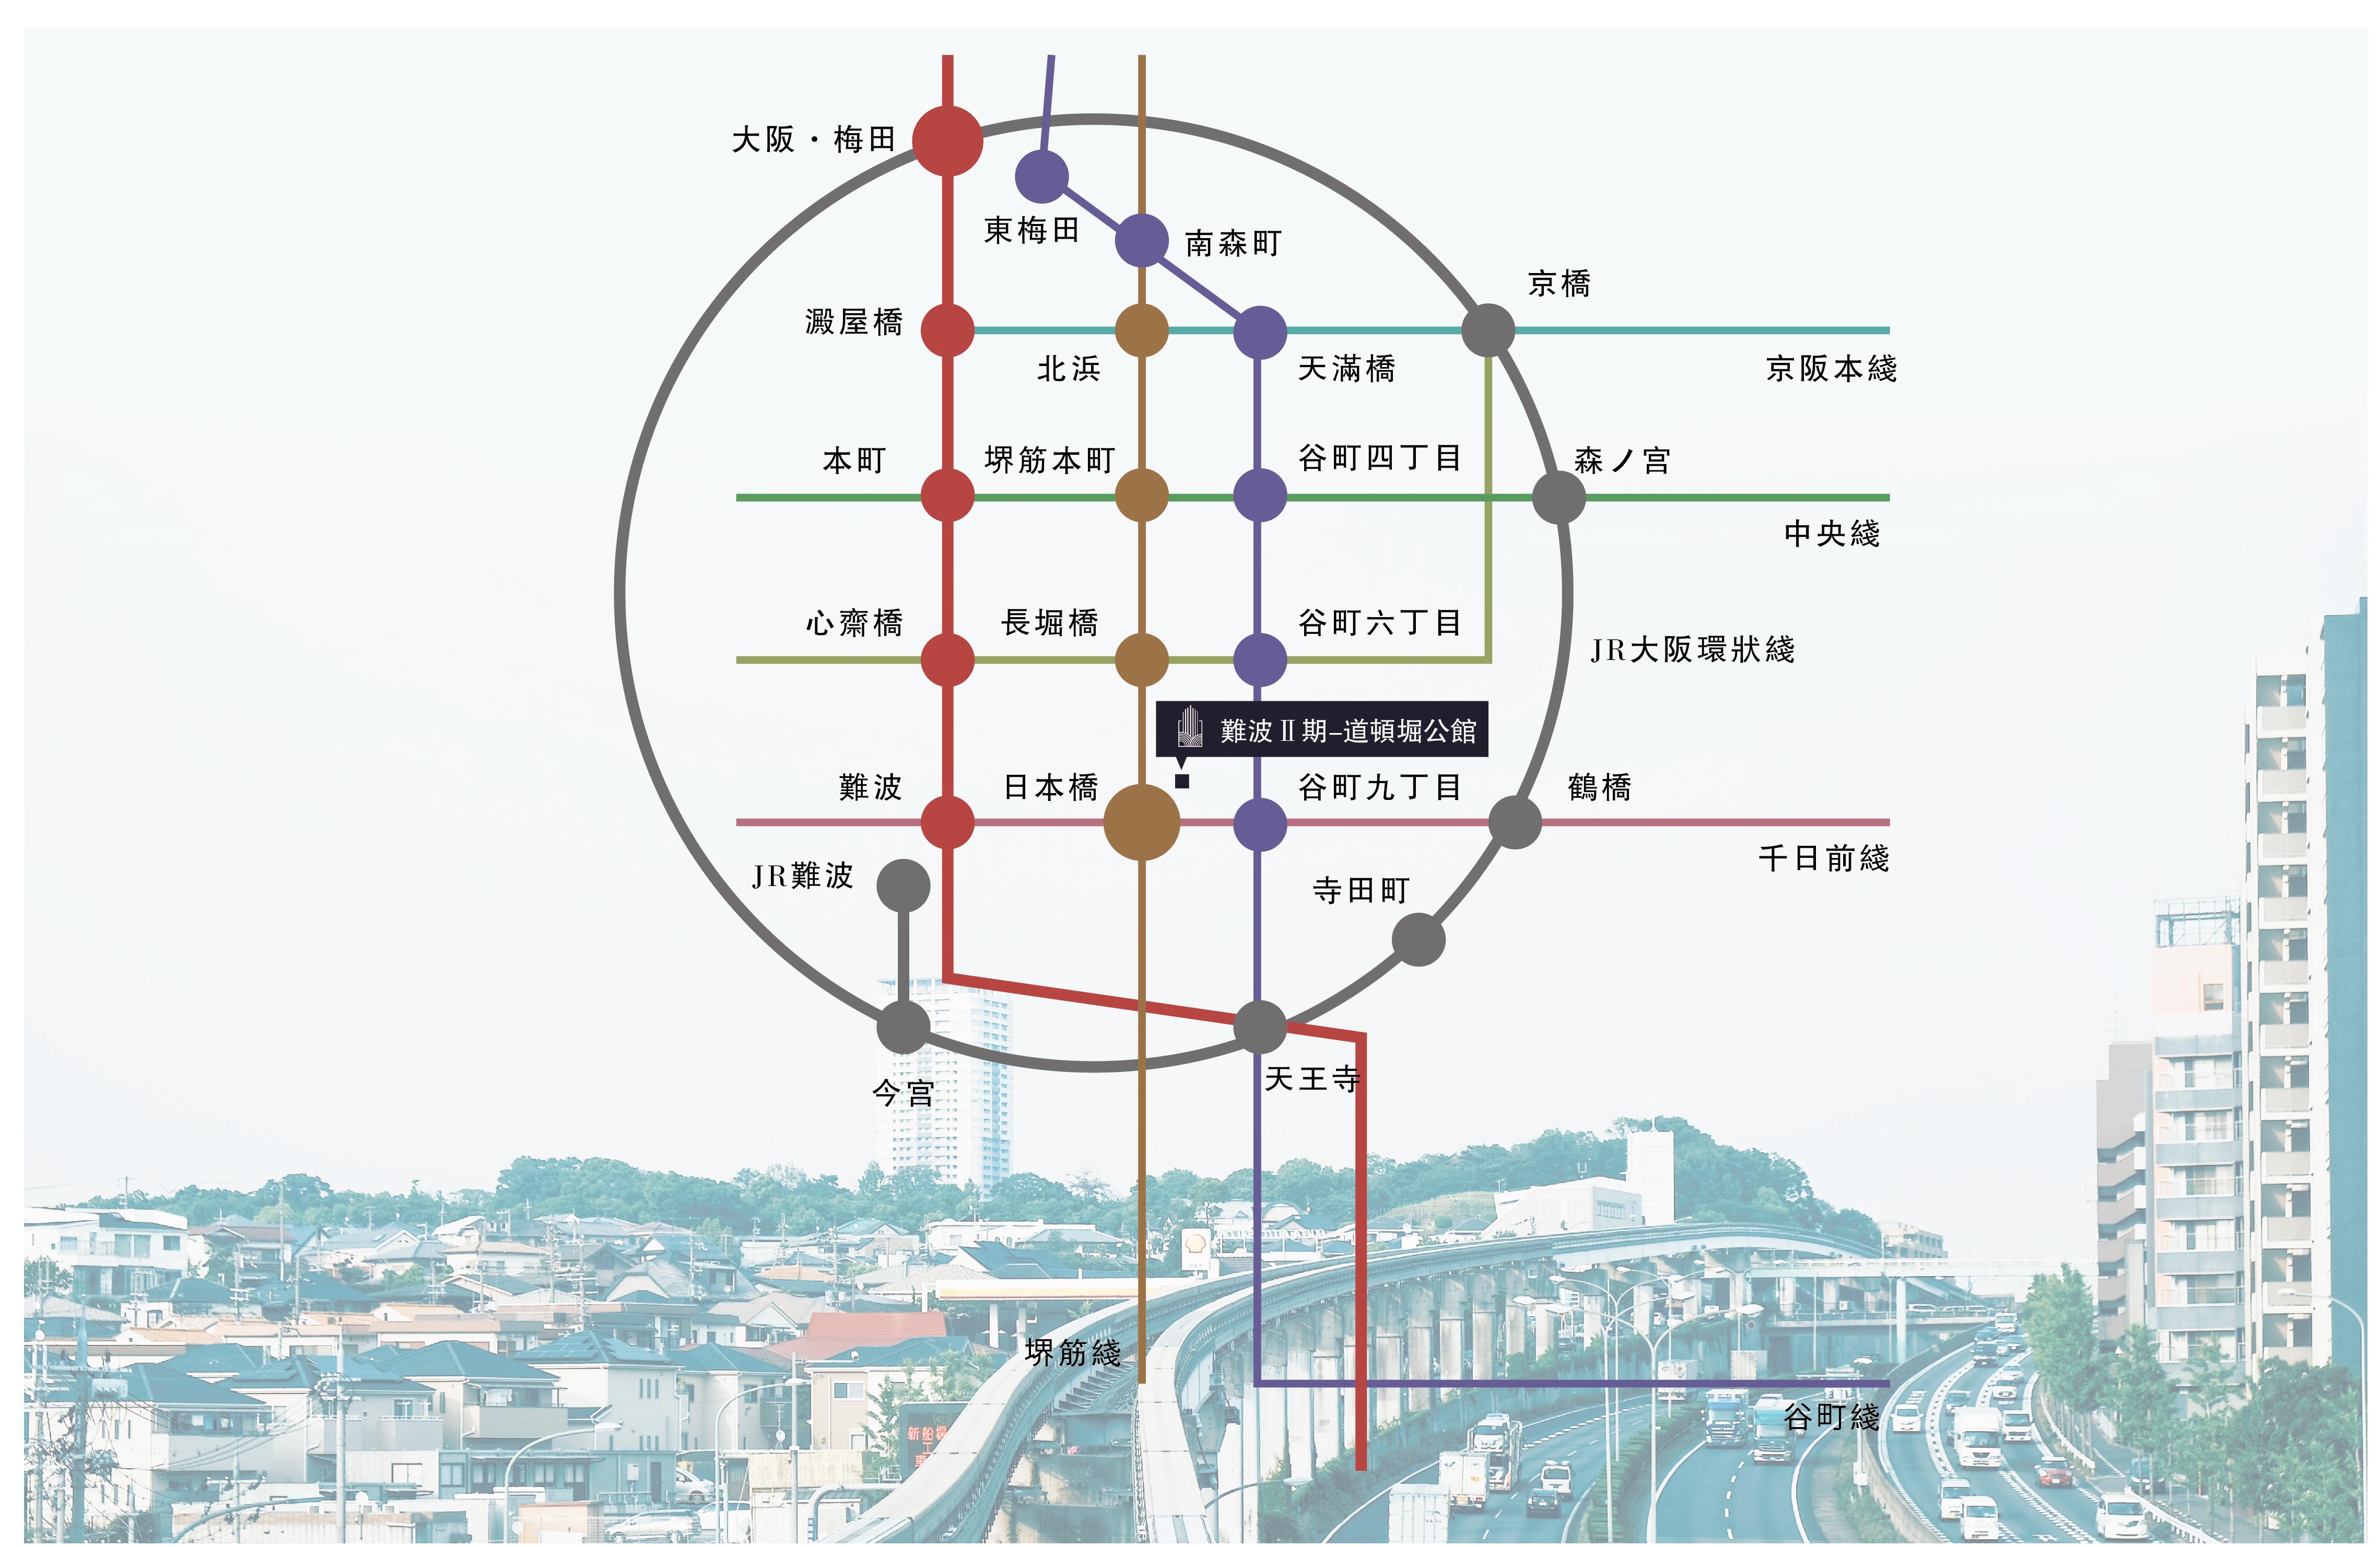 交通路线图.jpg;seize:4283625